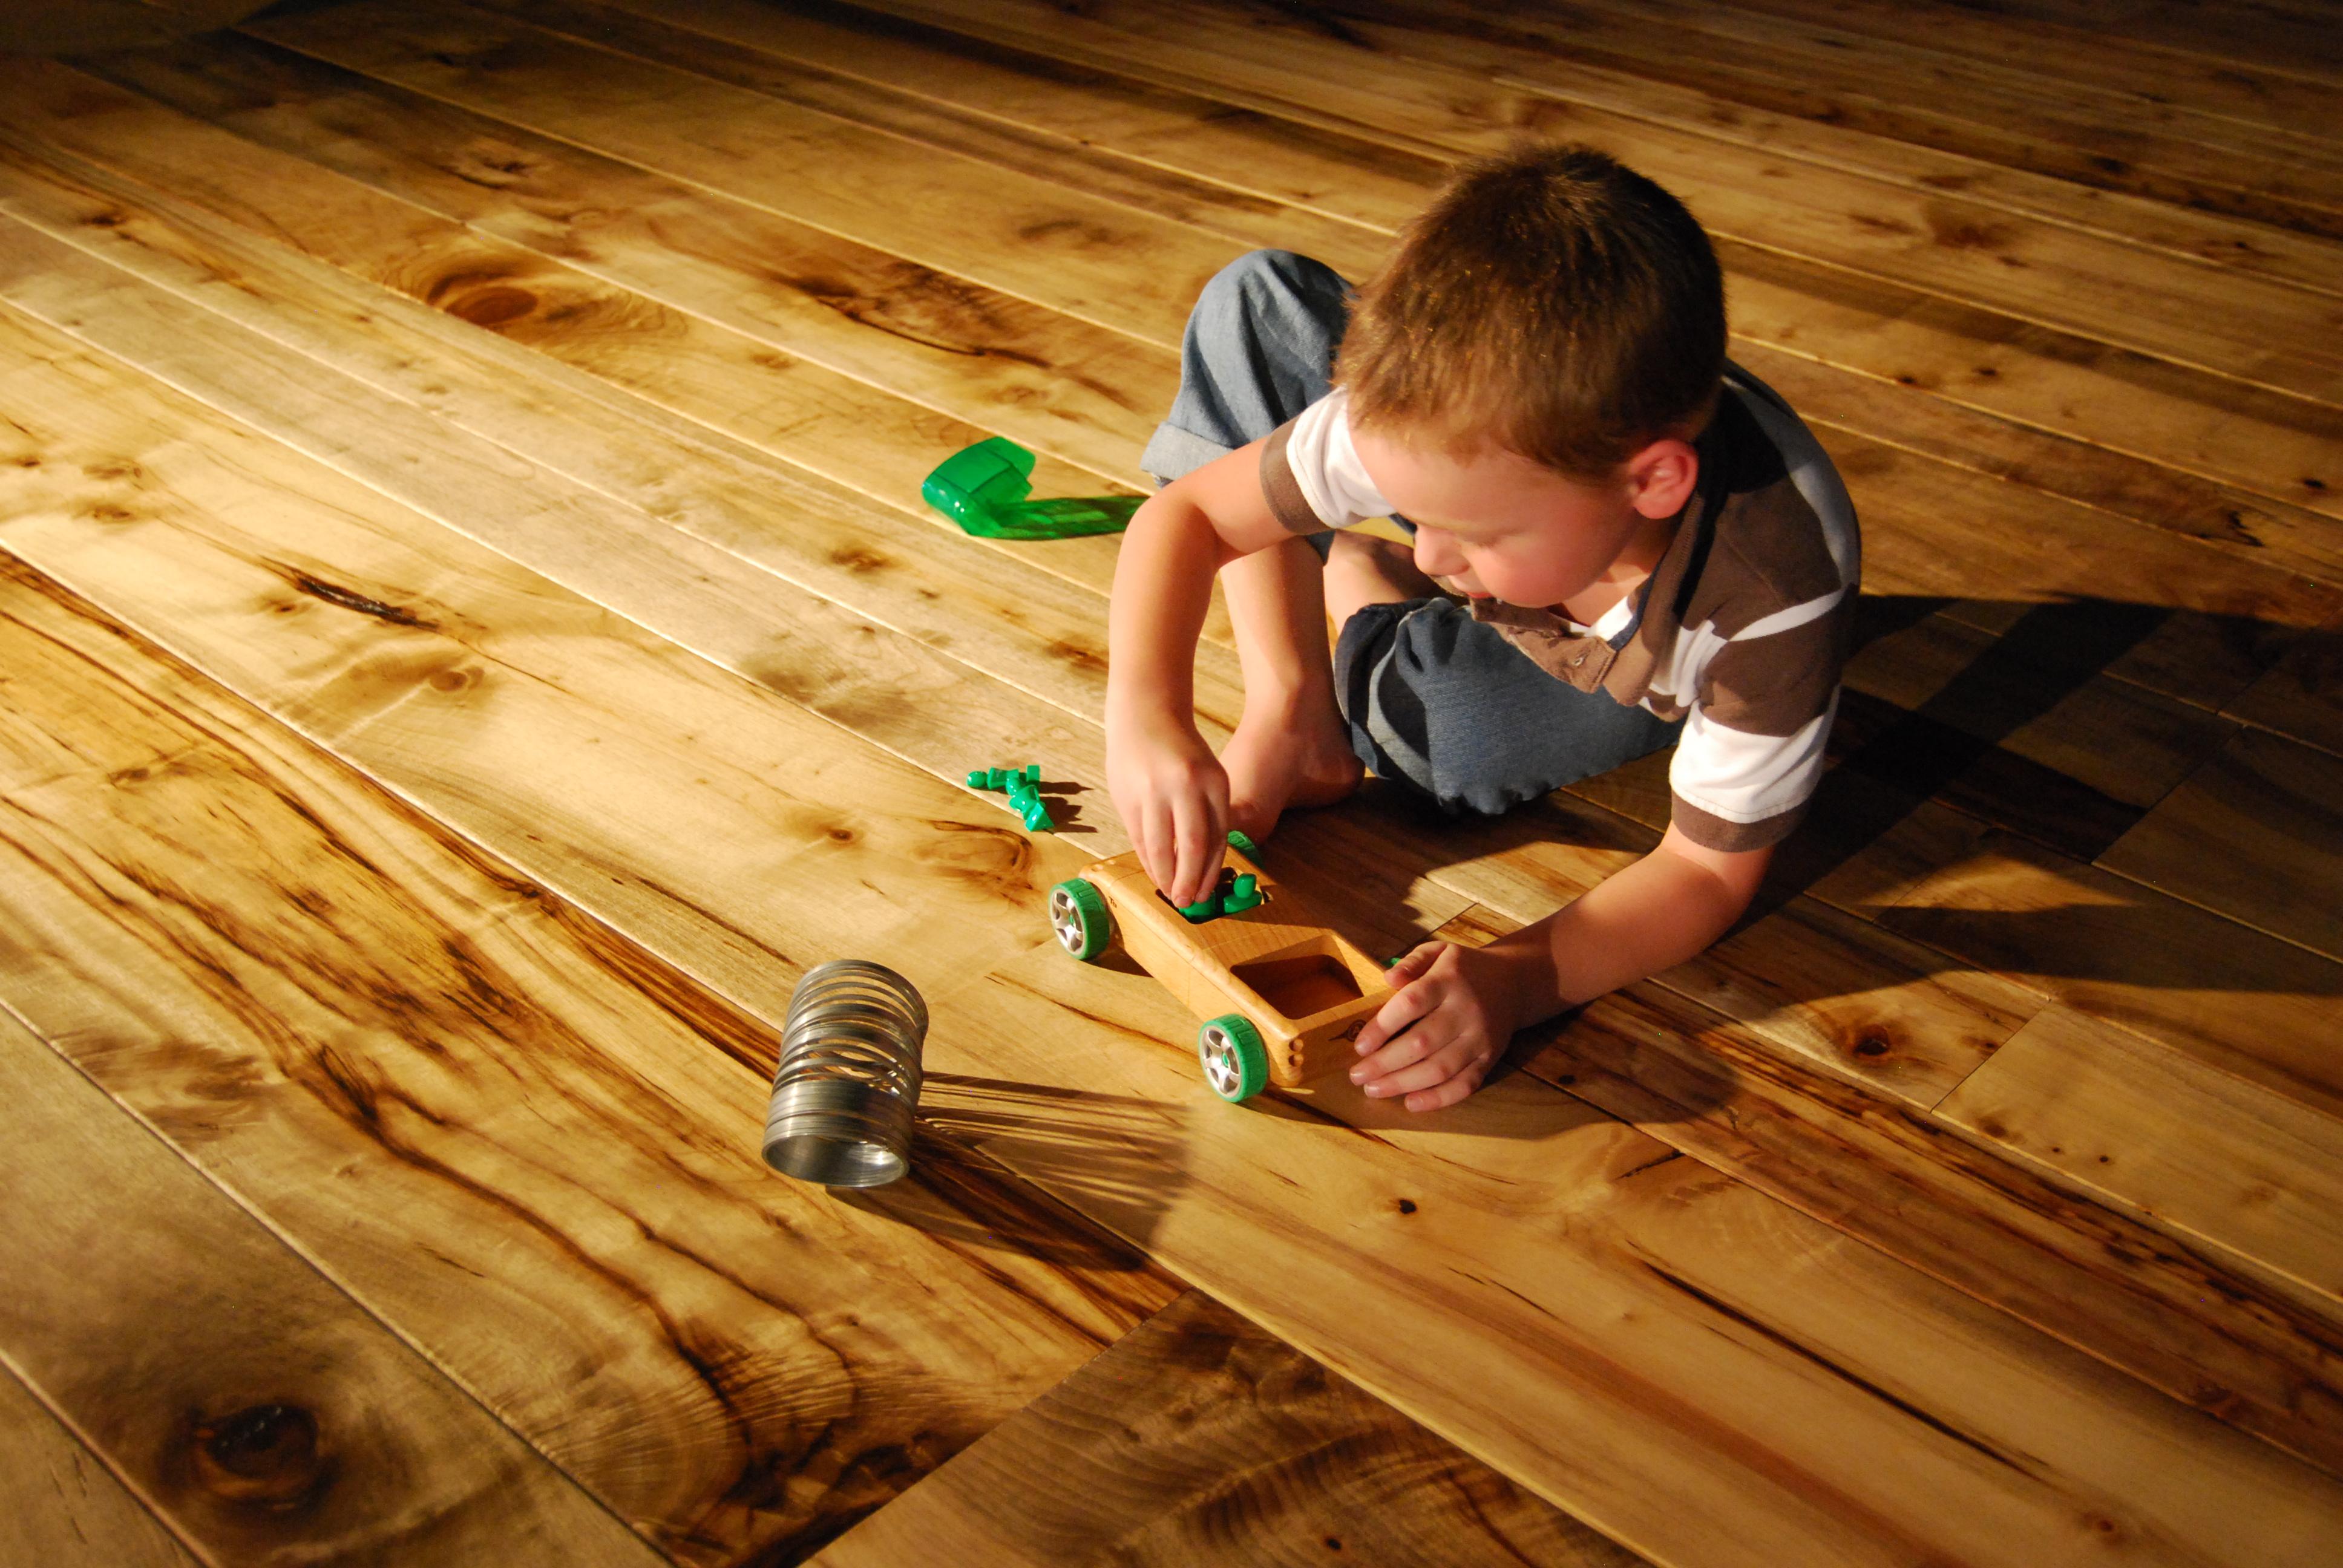 myrtlewood-floor-safe-for-kids-odie's-best-wood-oil-0233.jpeg